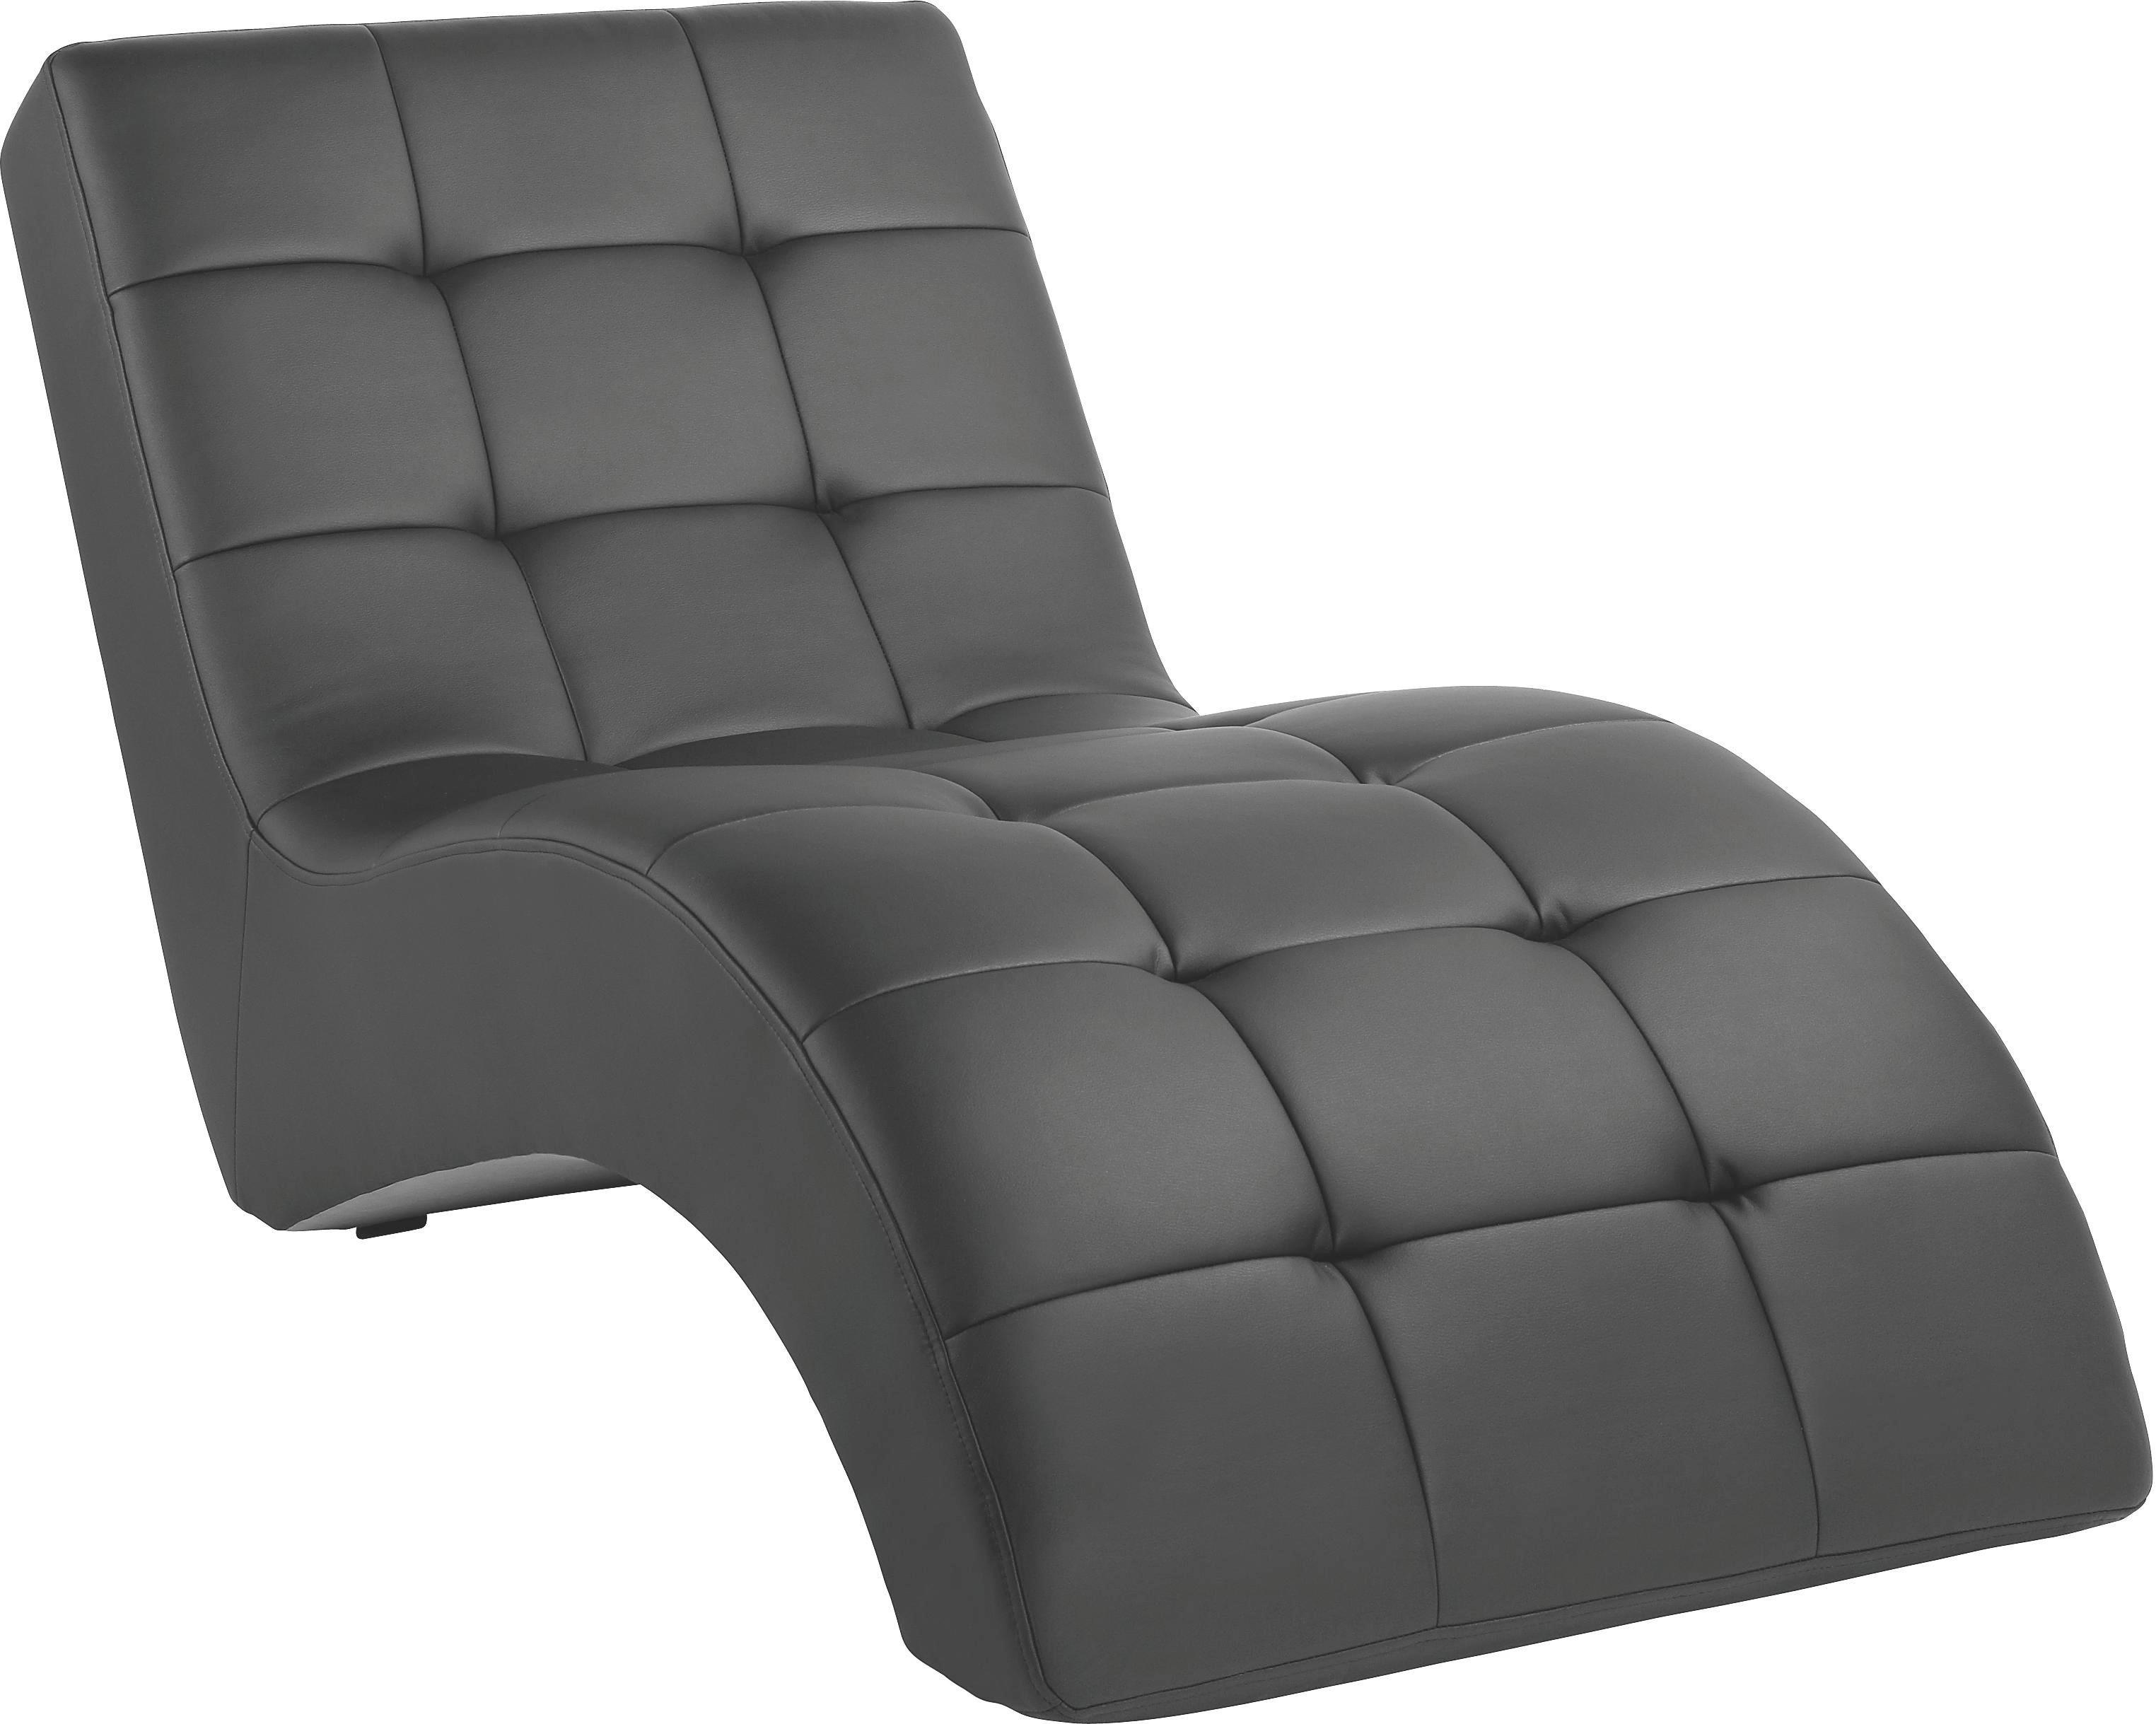 LIGGFÅTÖLJ - vit/svart, Design, textil/plast (75/85/170cm) - CARRYHOME